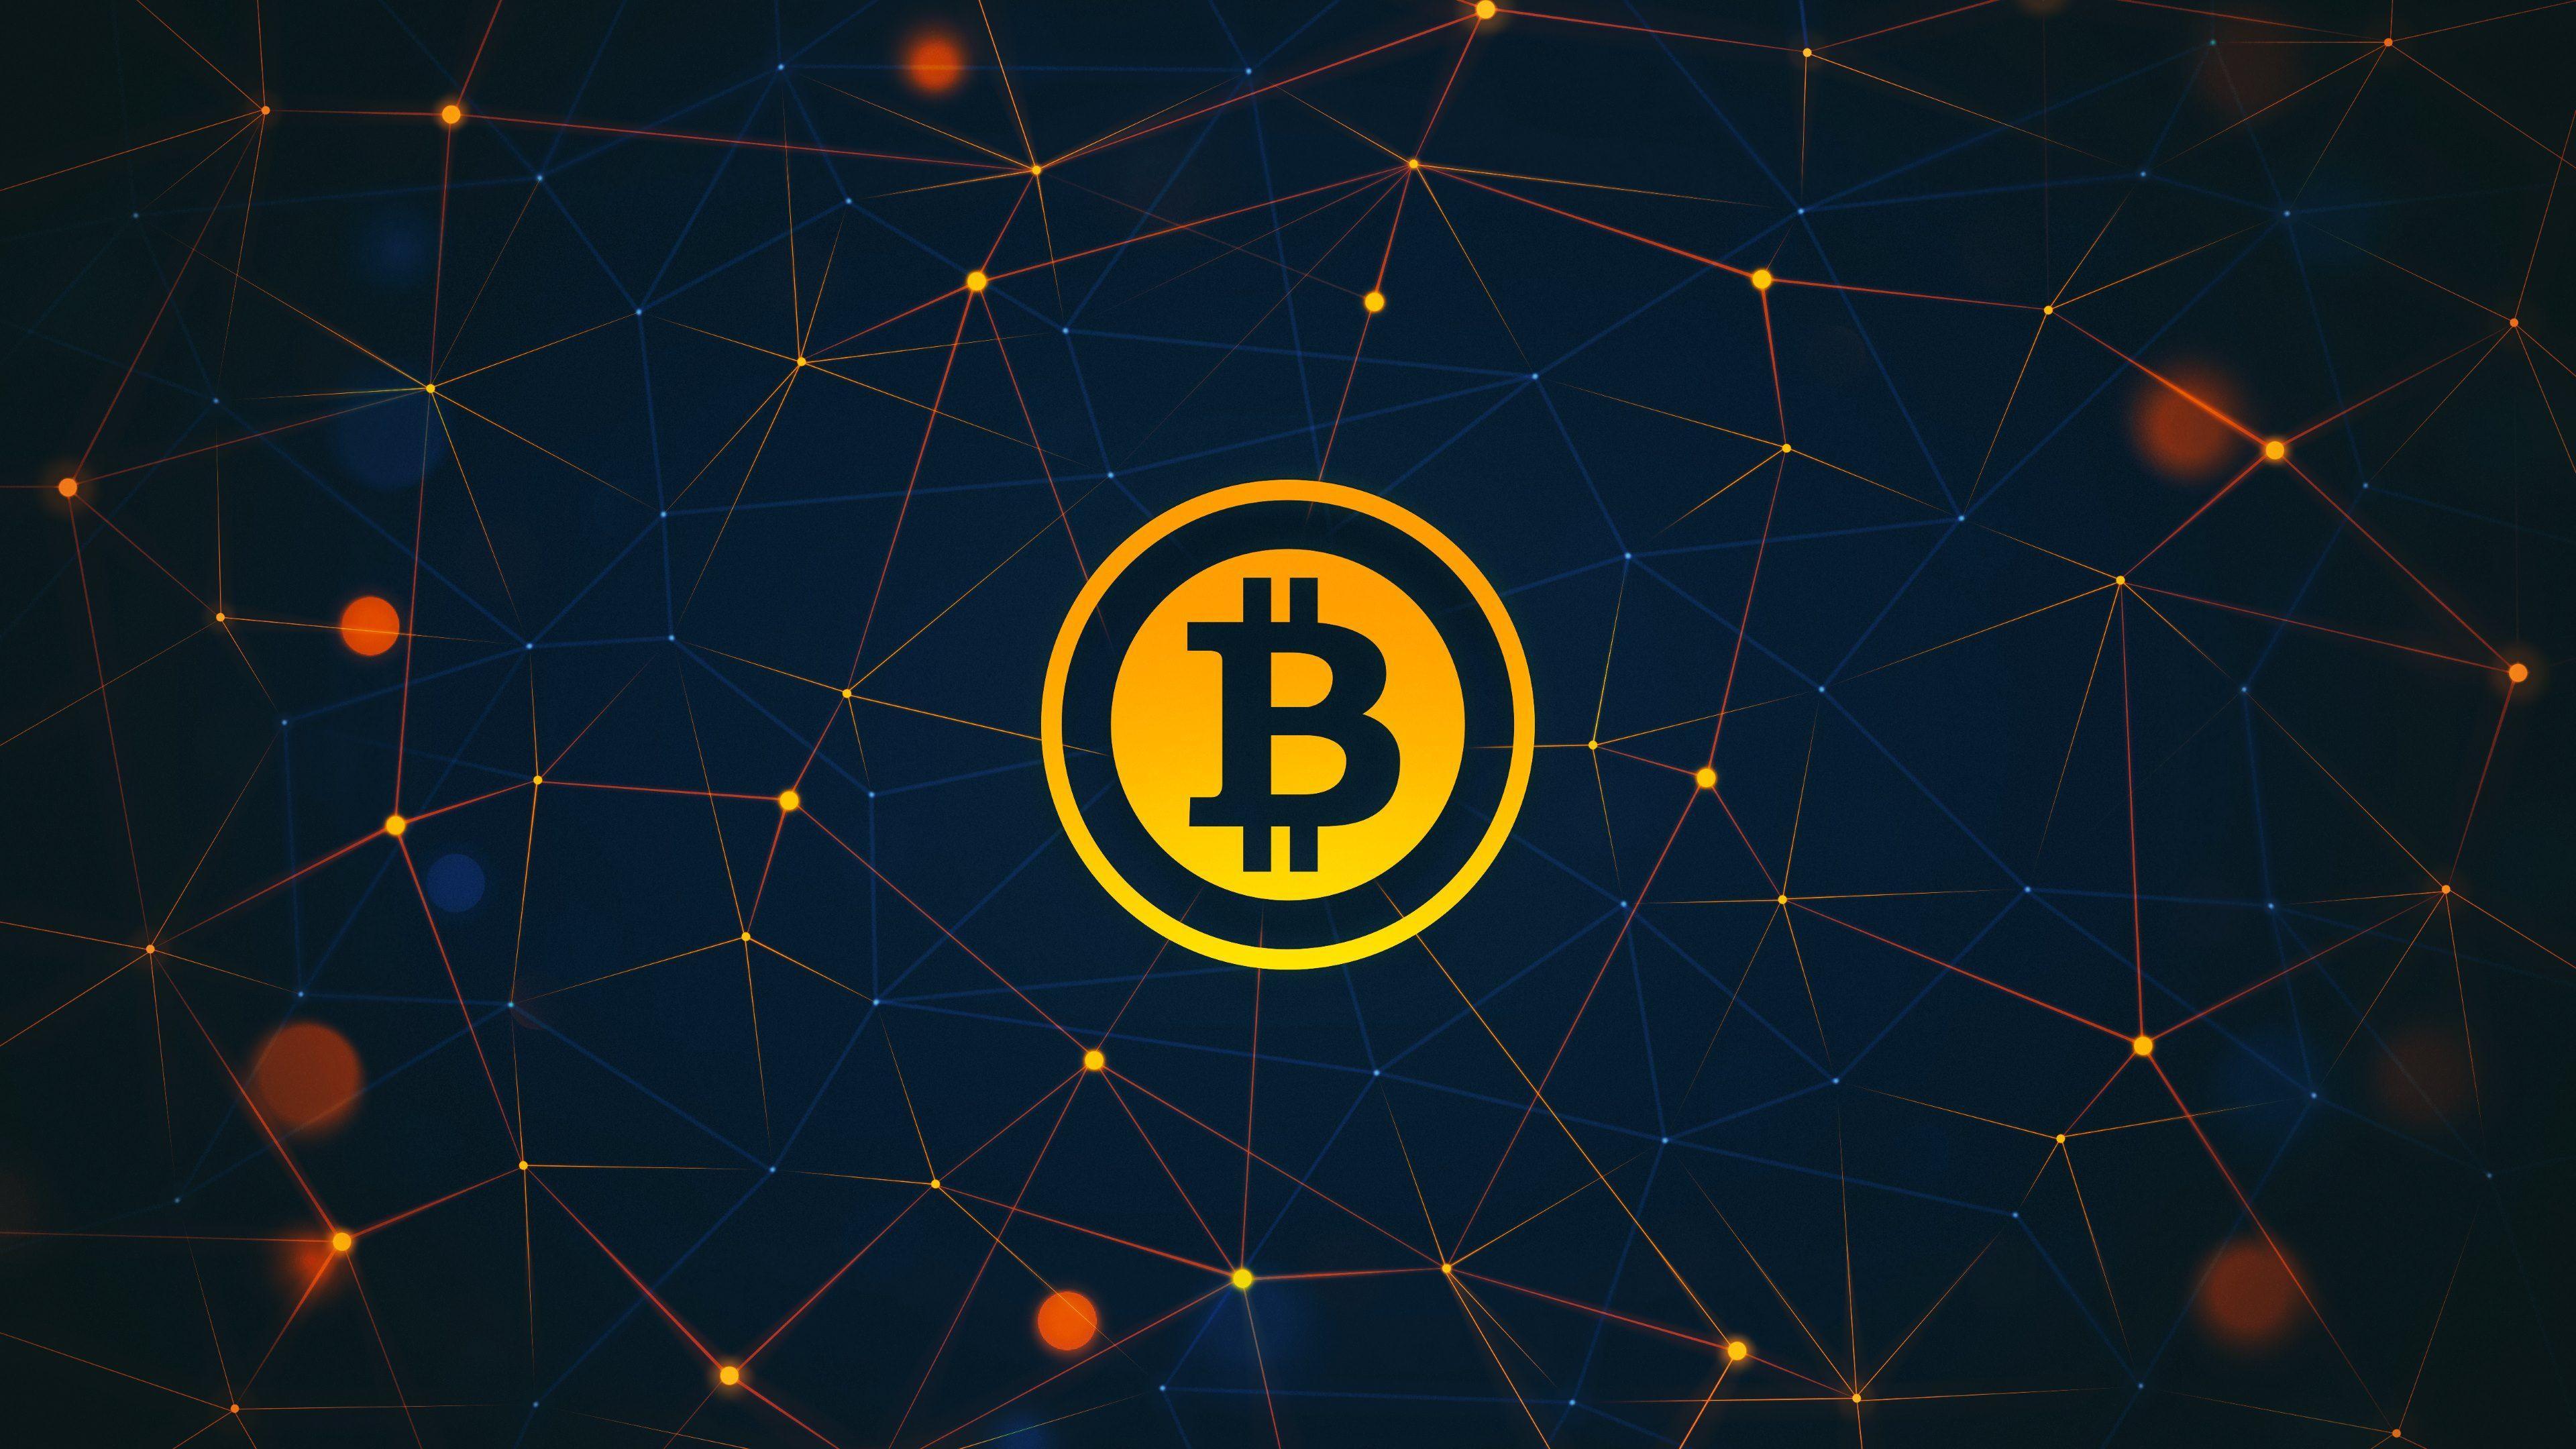 giá bitcoin: Thế giới tin rằng 1 BTC sẽ có giá bao nhiêu?